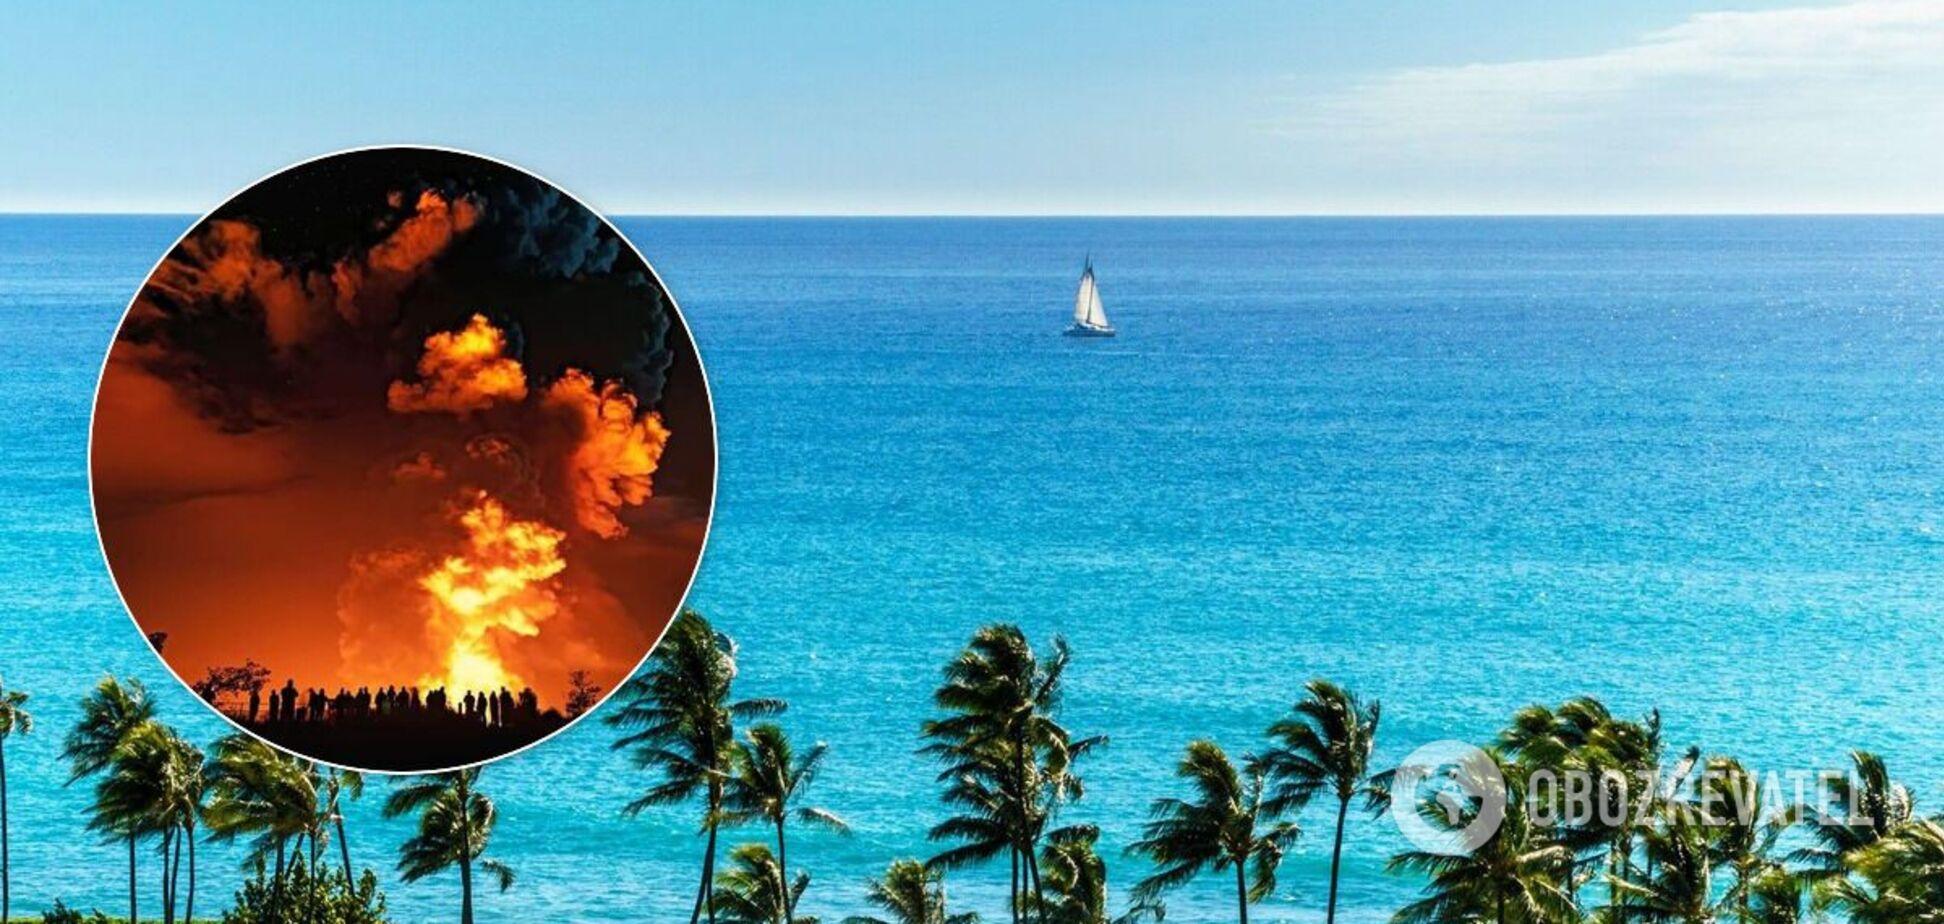 На Гавайях проснулся вулканКилауэа: объявлен красный уровень угрозы. Фото и видео